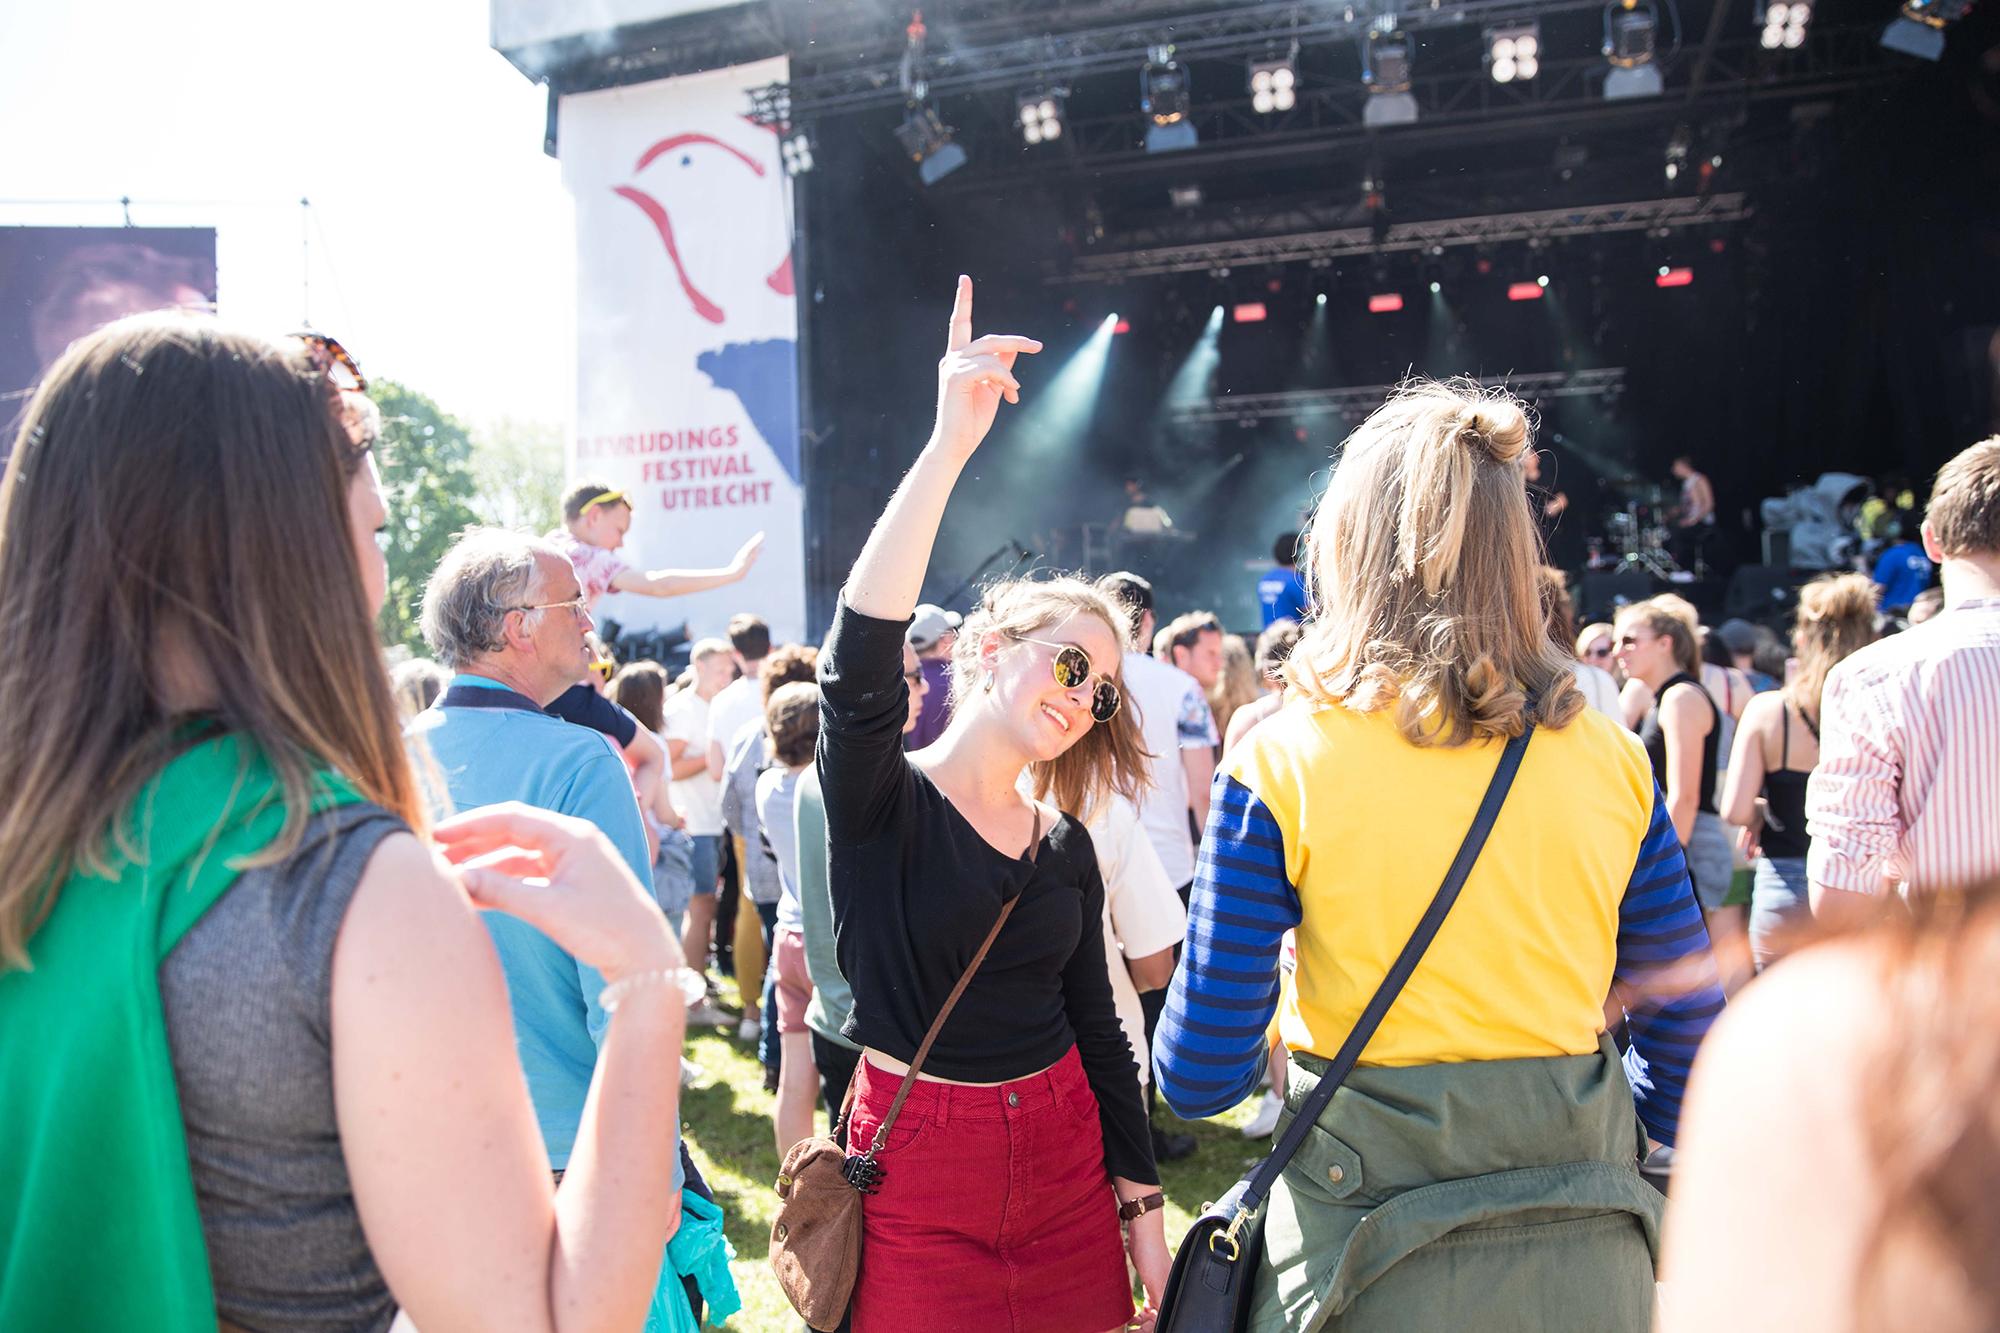 Fotografie KEES cultuurvrijwilligers beeldbank bevrijdingsfestival Utrecht